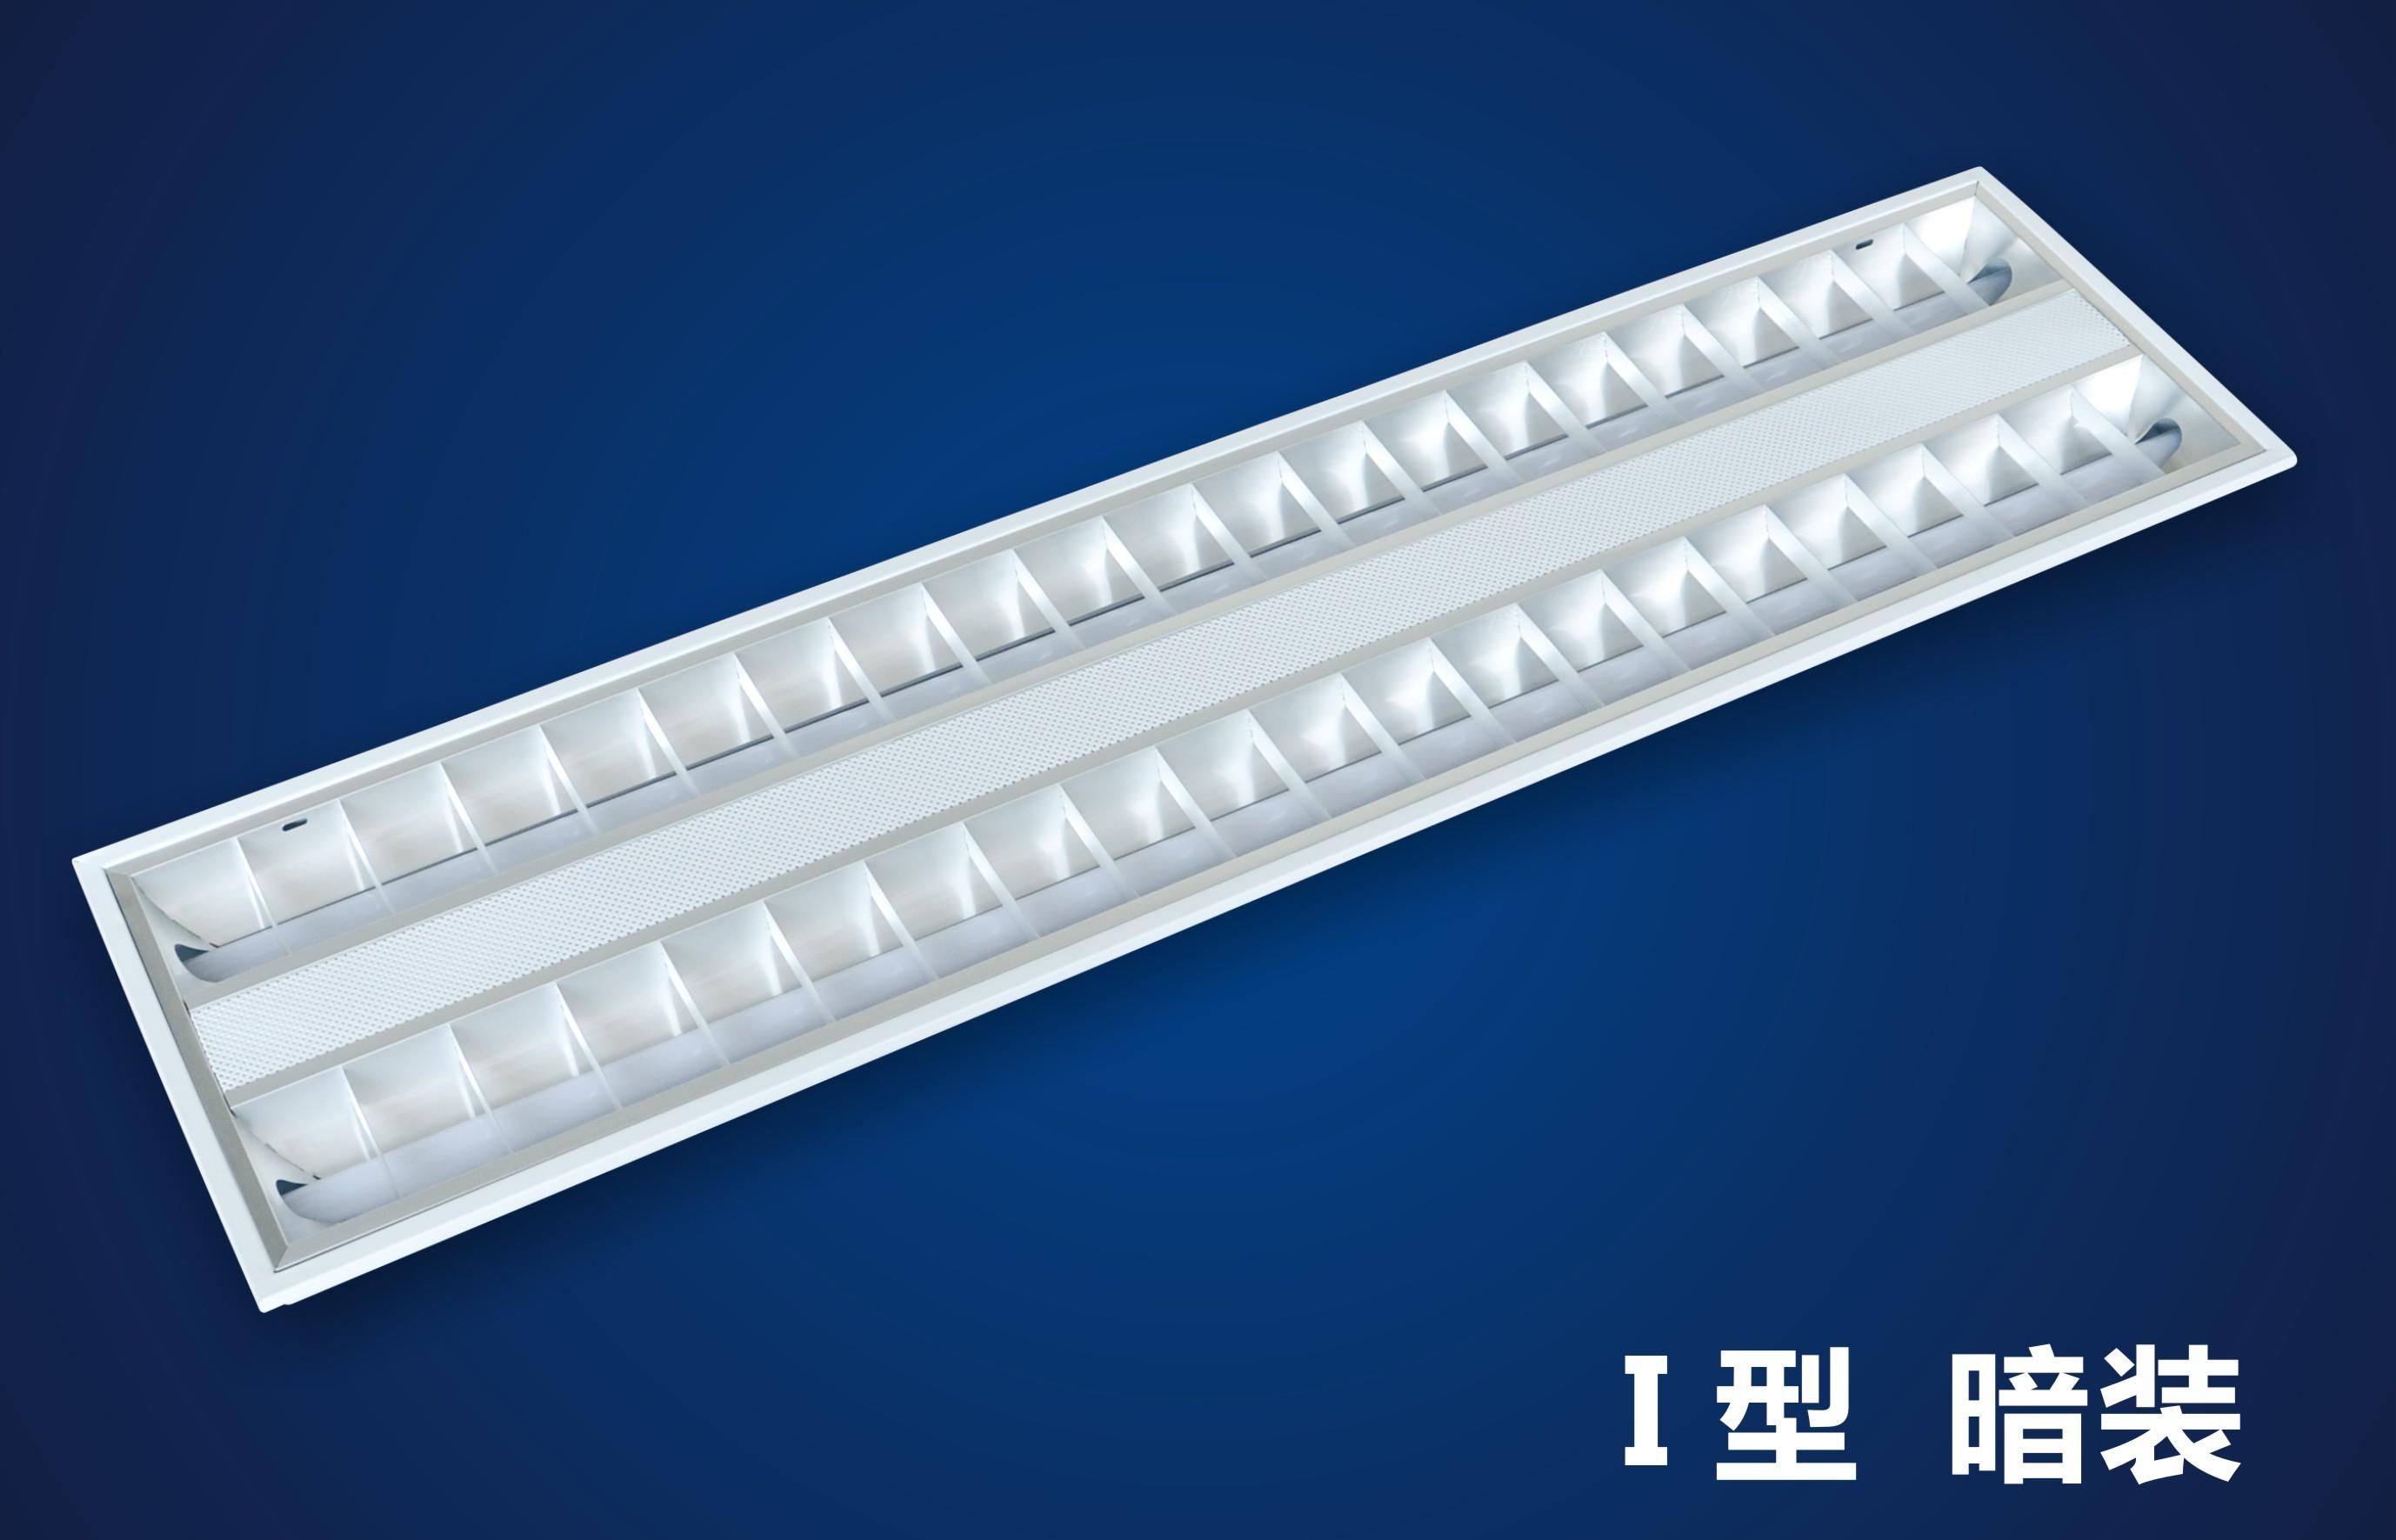 常规暗装型LED格栅灯 常规暗装型格栅灯是一款宜美高档的室内照明灯具,其外边框由铝合金经阳极氧化而成,光源为LED,整个灯具设计美观简洁、大气豪华,既有良好的照明效果,又能给人带来美的感受。一体化LED格栅灯设计独特,光经过高透光率的导光板后形成一种均匀的平面发光效果,照度均匀性好、光线柔和、舒适而不失明亮,可有效缓解眼疲劳。 【型号】6060 3060 30120 60120 一体化led格栅灯 【材质】6063高散热航空铝+超透光率PC罩 【规格】【耗电功率】 600*600*H55(3X9W) 30